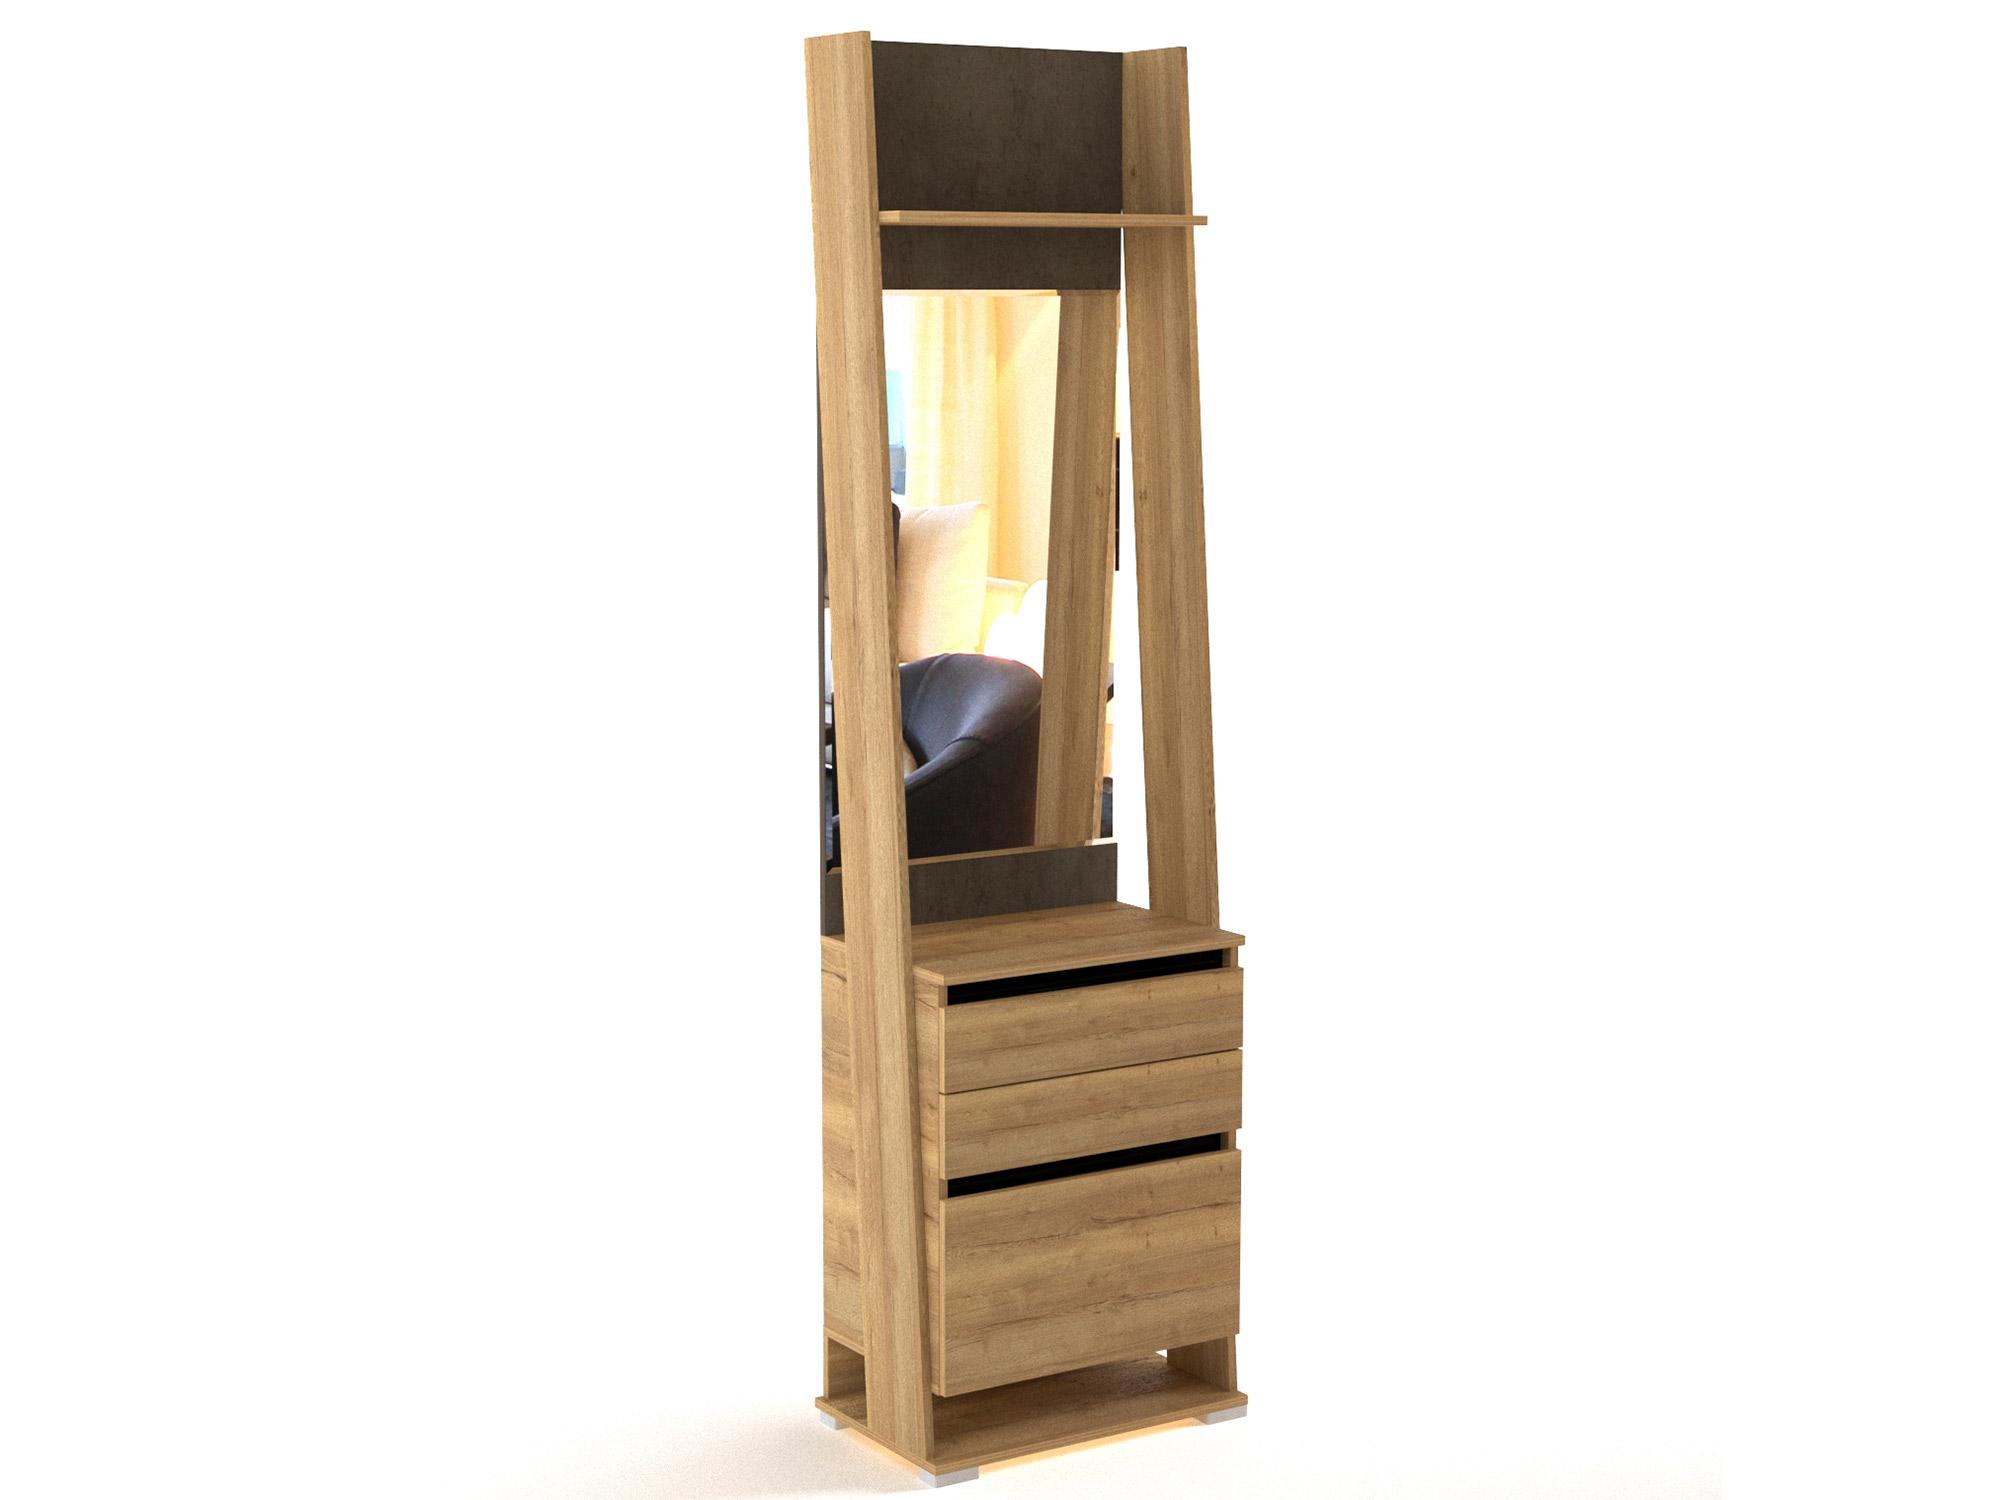 Фото - Шкаф открытый с зеркалом Стреза Дуб Галифакс натуральный, Бетон шкаф однодверный стреза дуб галифакс натуральный бетон чикаго